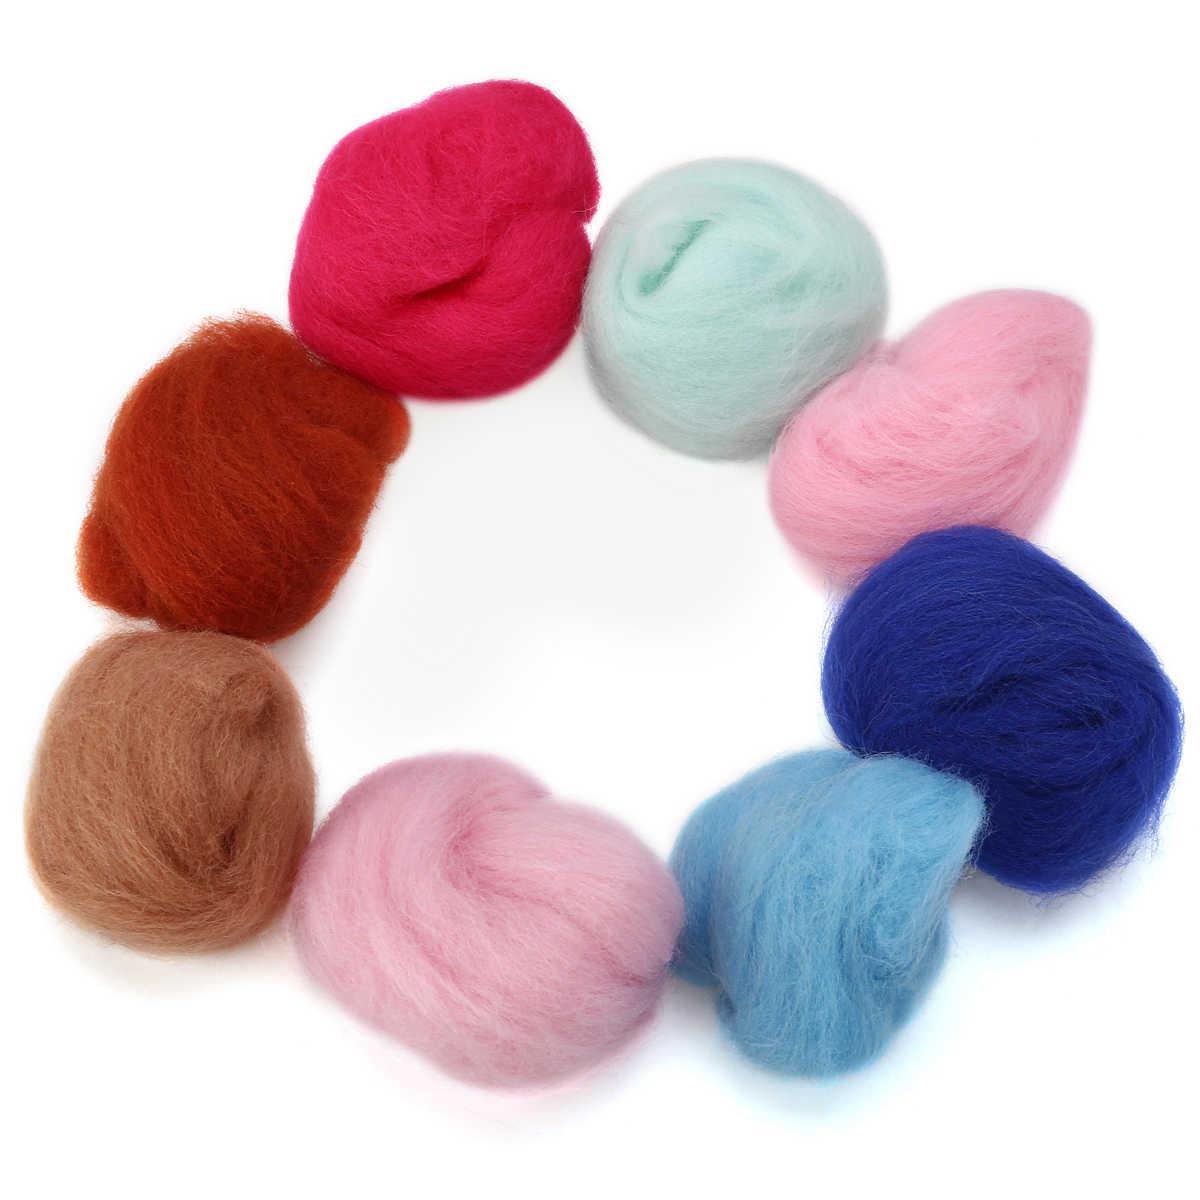 40 색 3 그램/가방 메리노 울 탑 펠트 섬유 바늘 Felting 젖은 Felting DIY 재미 인형 바느질 작업 Raw Wool Felt